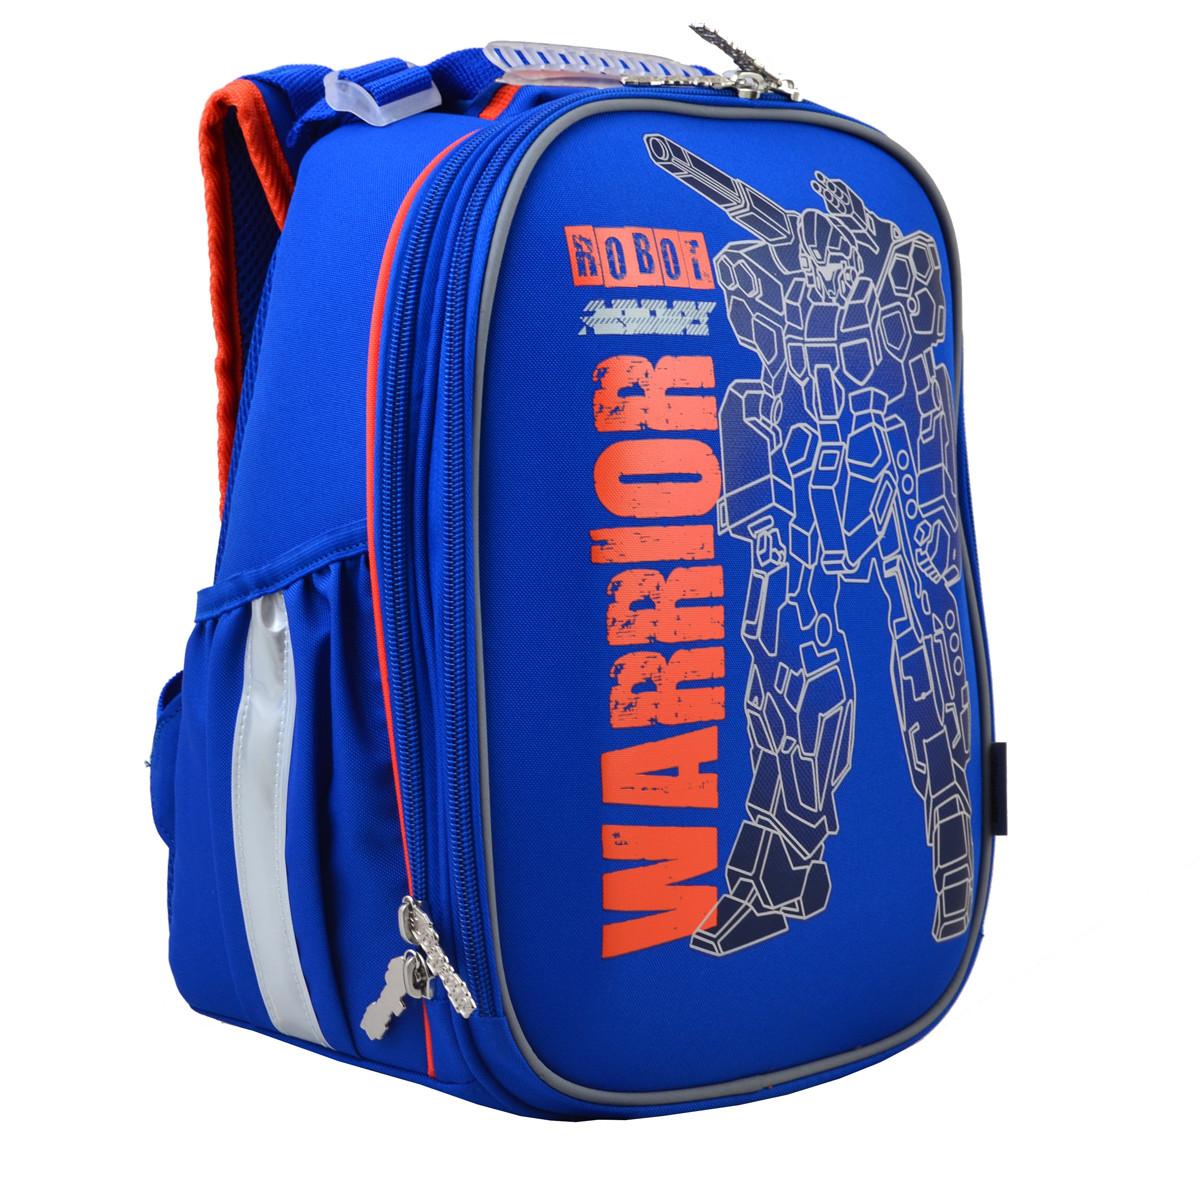 Рюкзак школьный каркасный 1 Вересня H-25 Robot, 35*26*16 555788